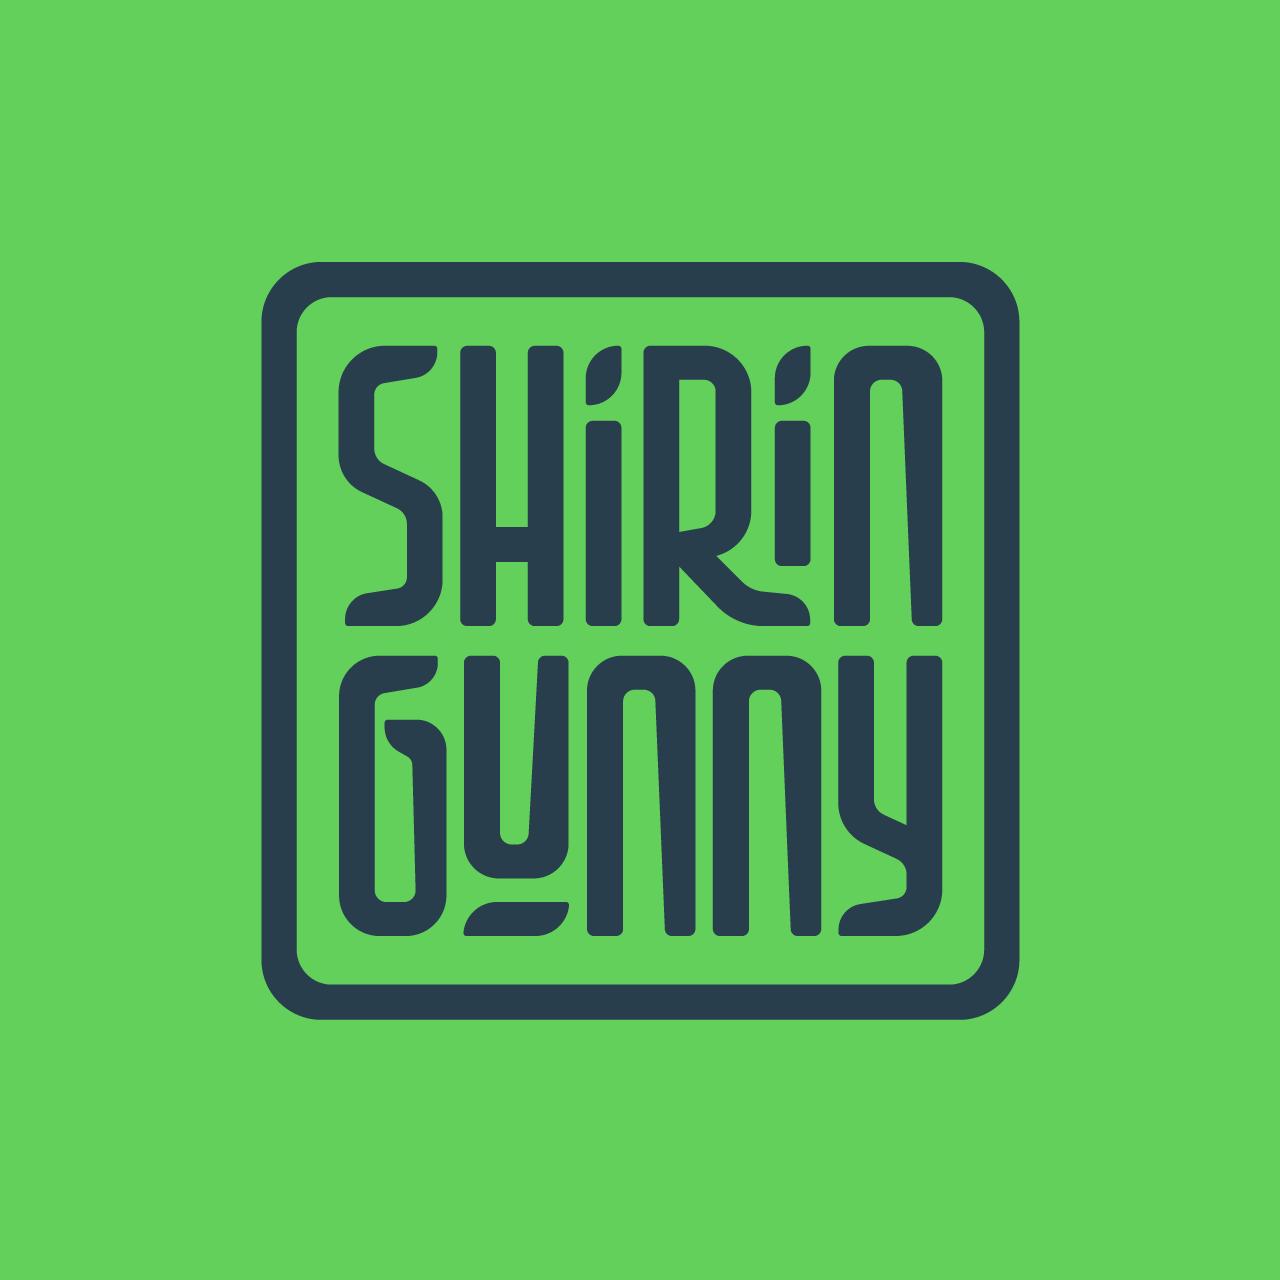 shirin-gunny-logo-01